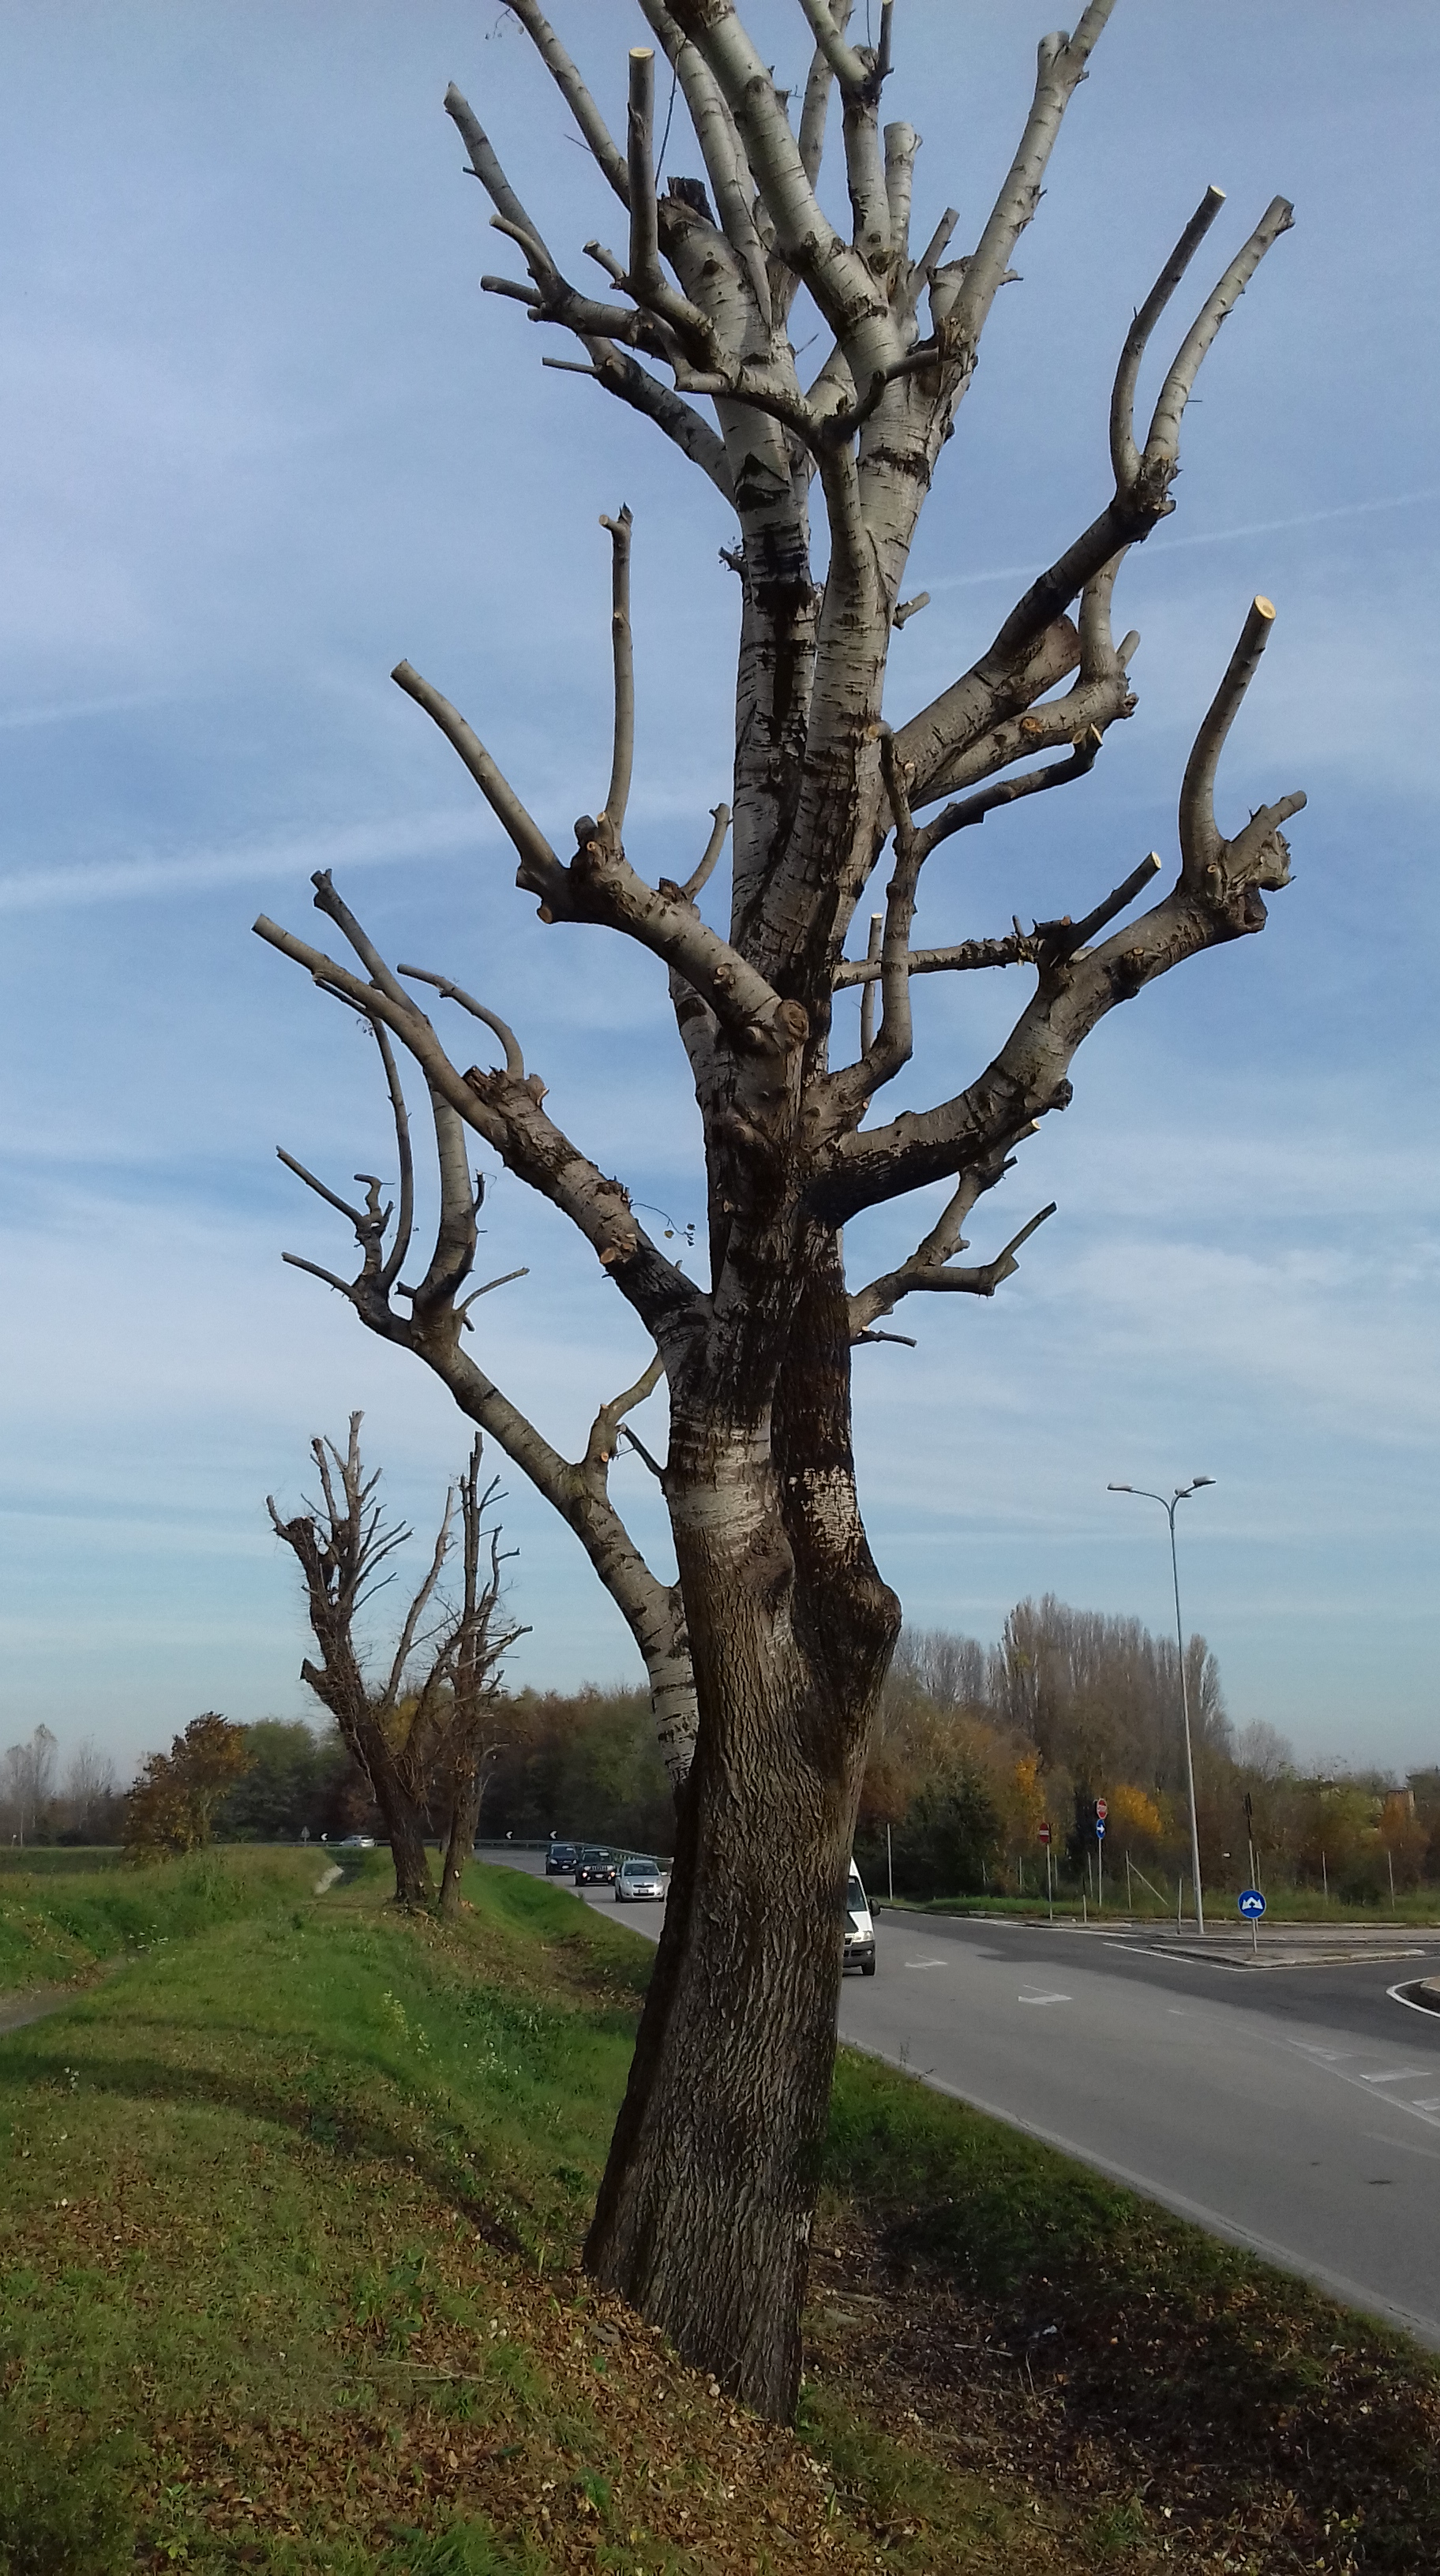 Immagini Di Piante E Alberi la manutenzione del verde e le capitozzature degli alberi